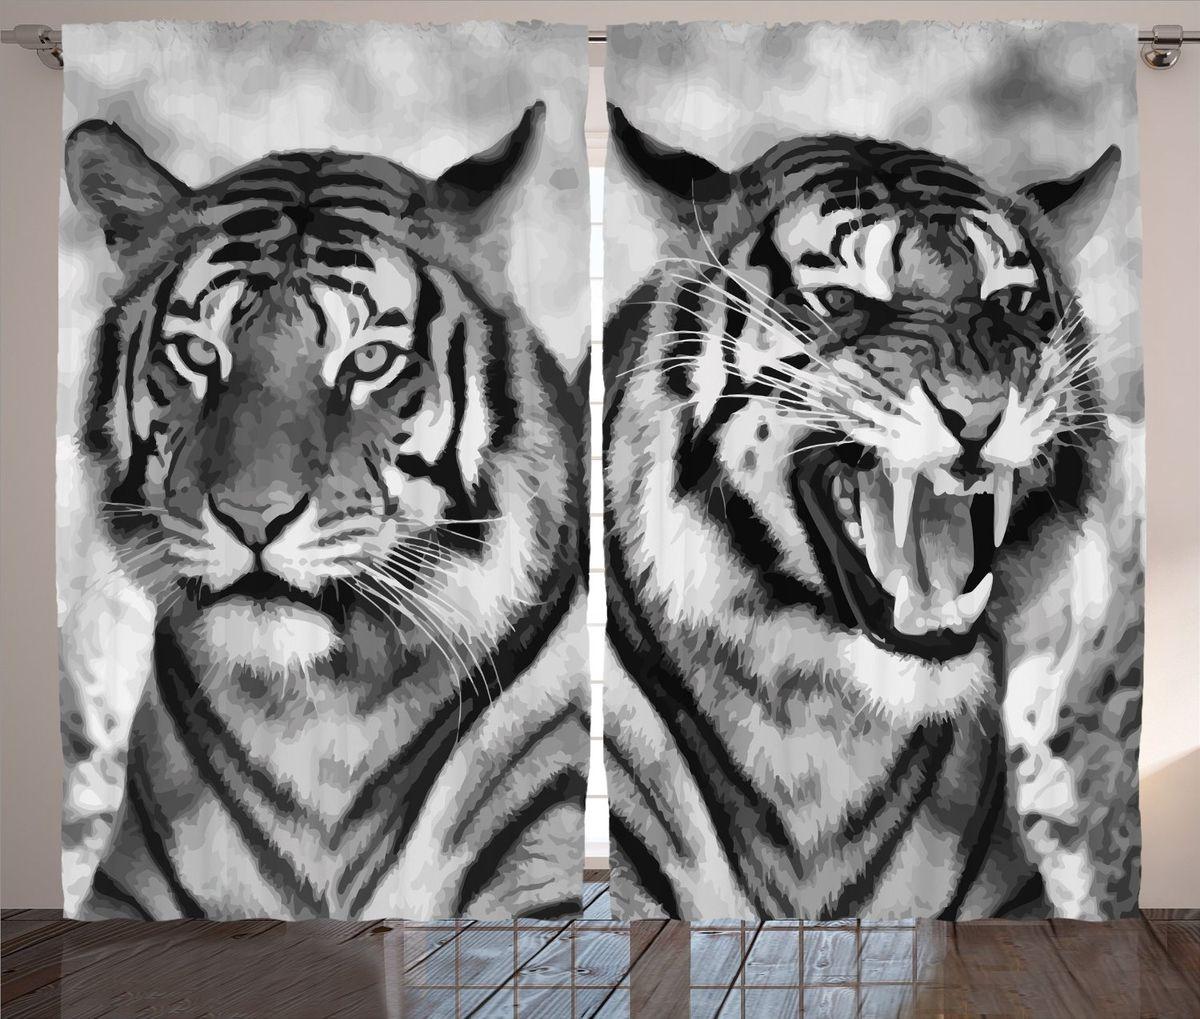 Комплект фотоштор Magic Lady Черно-белые тигры, на ленте, высота 265 см. шсг_1272721285Компания Сэмболь изготавливает шторы из высококачественного сатена (полиэстер 100%). При изготовлении используются специальные гипоаллергенные чернила для прямой печати по ткани, безопасные для человека и животных. Экологичность продукции Magic lady и безопасность для окружающей среды подтверждены сертификатом Oeko-Tex Standard 100. Крепление: крючки для крепления на шторной ленте (50 шт). Возможно крепление на трубу. Внимание! При нанесении сублимационной печати на ткань технологическим методом при температуре 240°С, возможно отклонение полученных размеров (указанных на этикетке и сайте) от стандартных на + - 3-5 см. Производитель старается максимально точно передать цвета изделия на фотографиях, однако искажения неизбежны и фактический цвет изделия может отличаться от воспринимаемого по фото. Обратите внимание! Шторы изготовлены из полиэстра сатенового переплетения, а не из сатина (хлопок). Размер одного полотна шторы: 145х265 см. В комплекте 2 полотна шторы и 50 крючков.